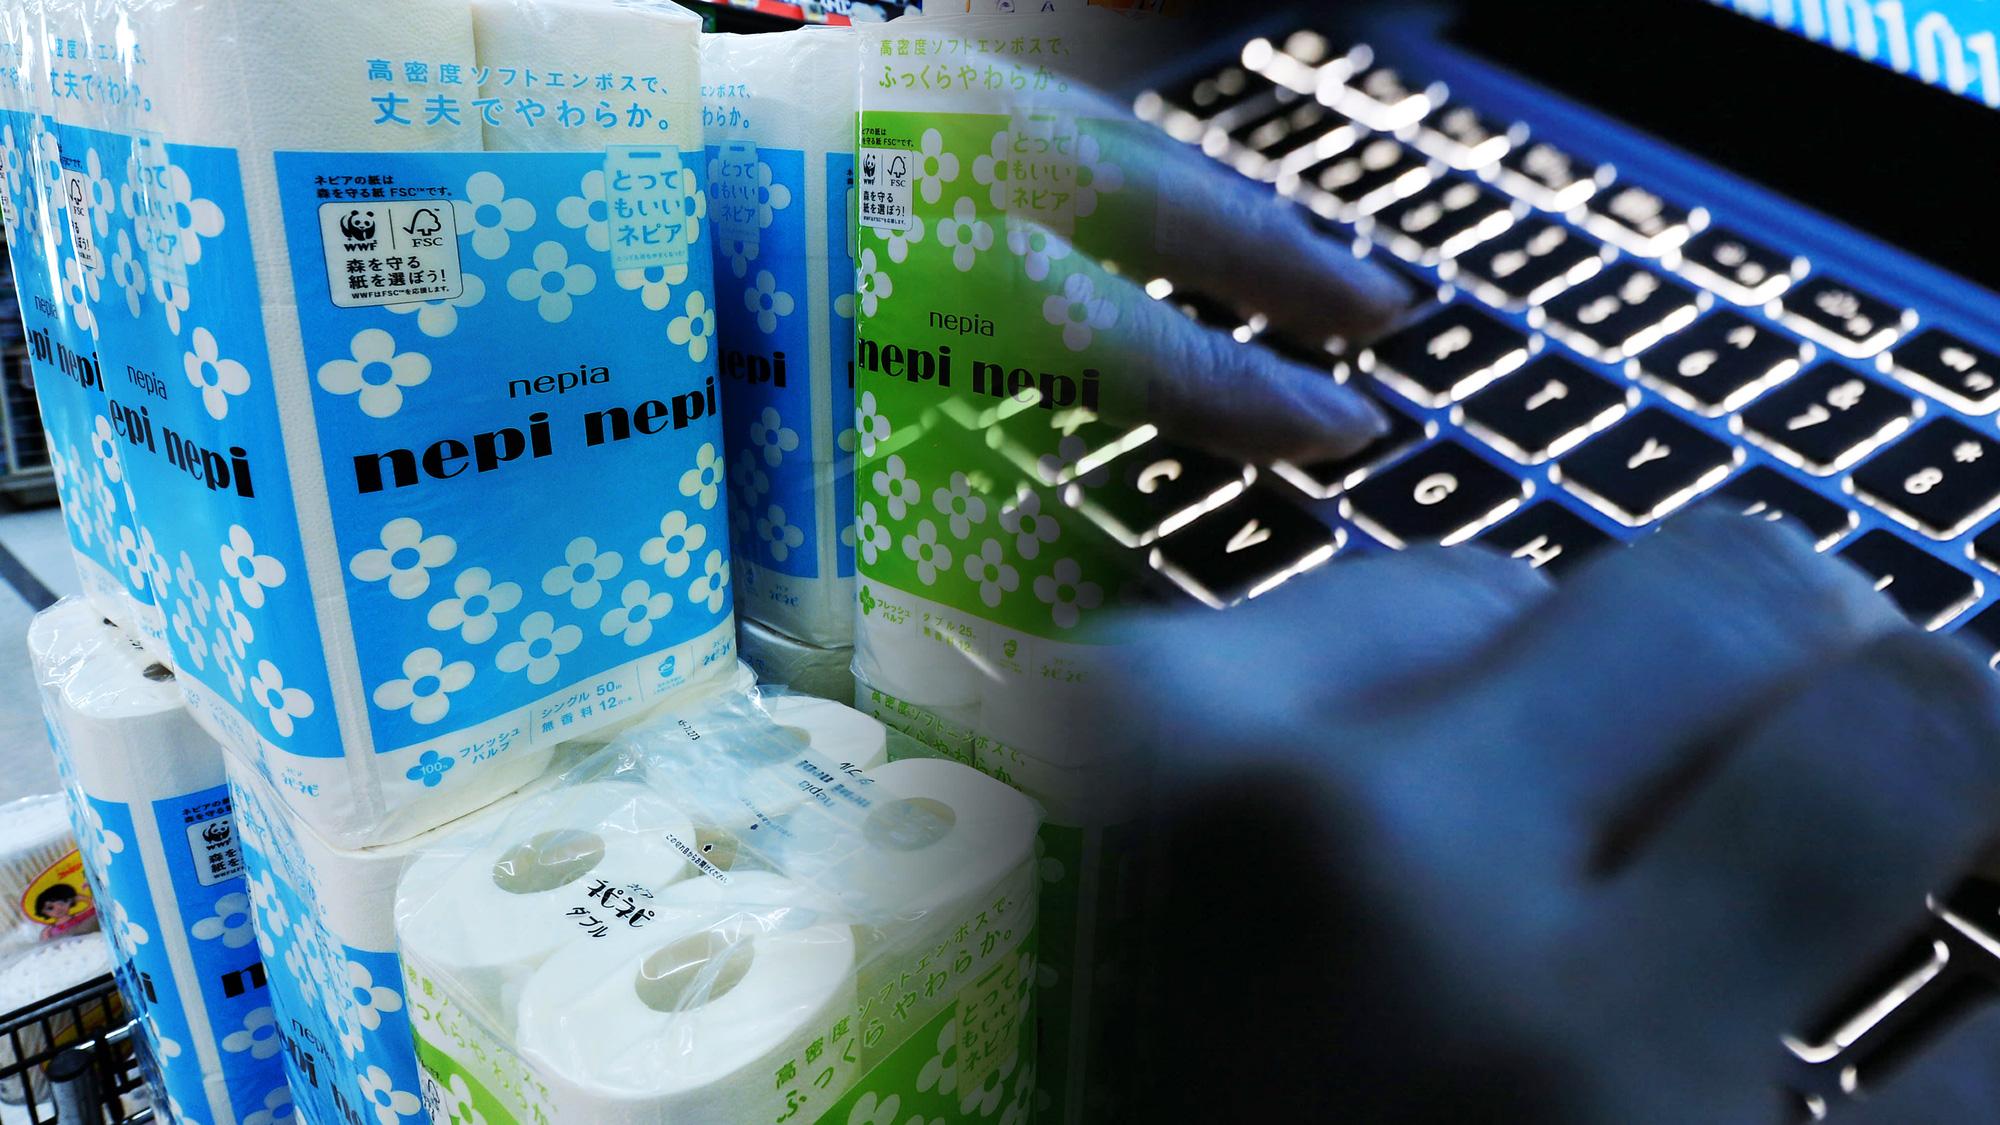 Người dân Nhật Bản hoảng loạn mua giấy vệ sinh khiến giá cả tăng vọt - Ảnh 1.